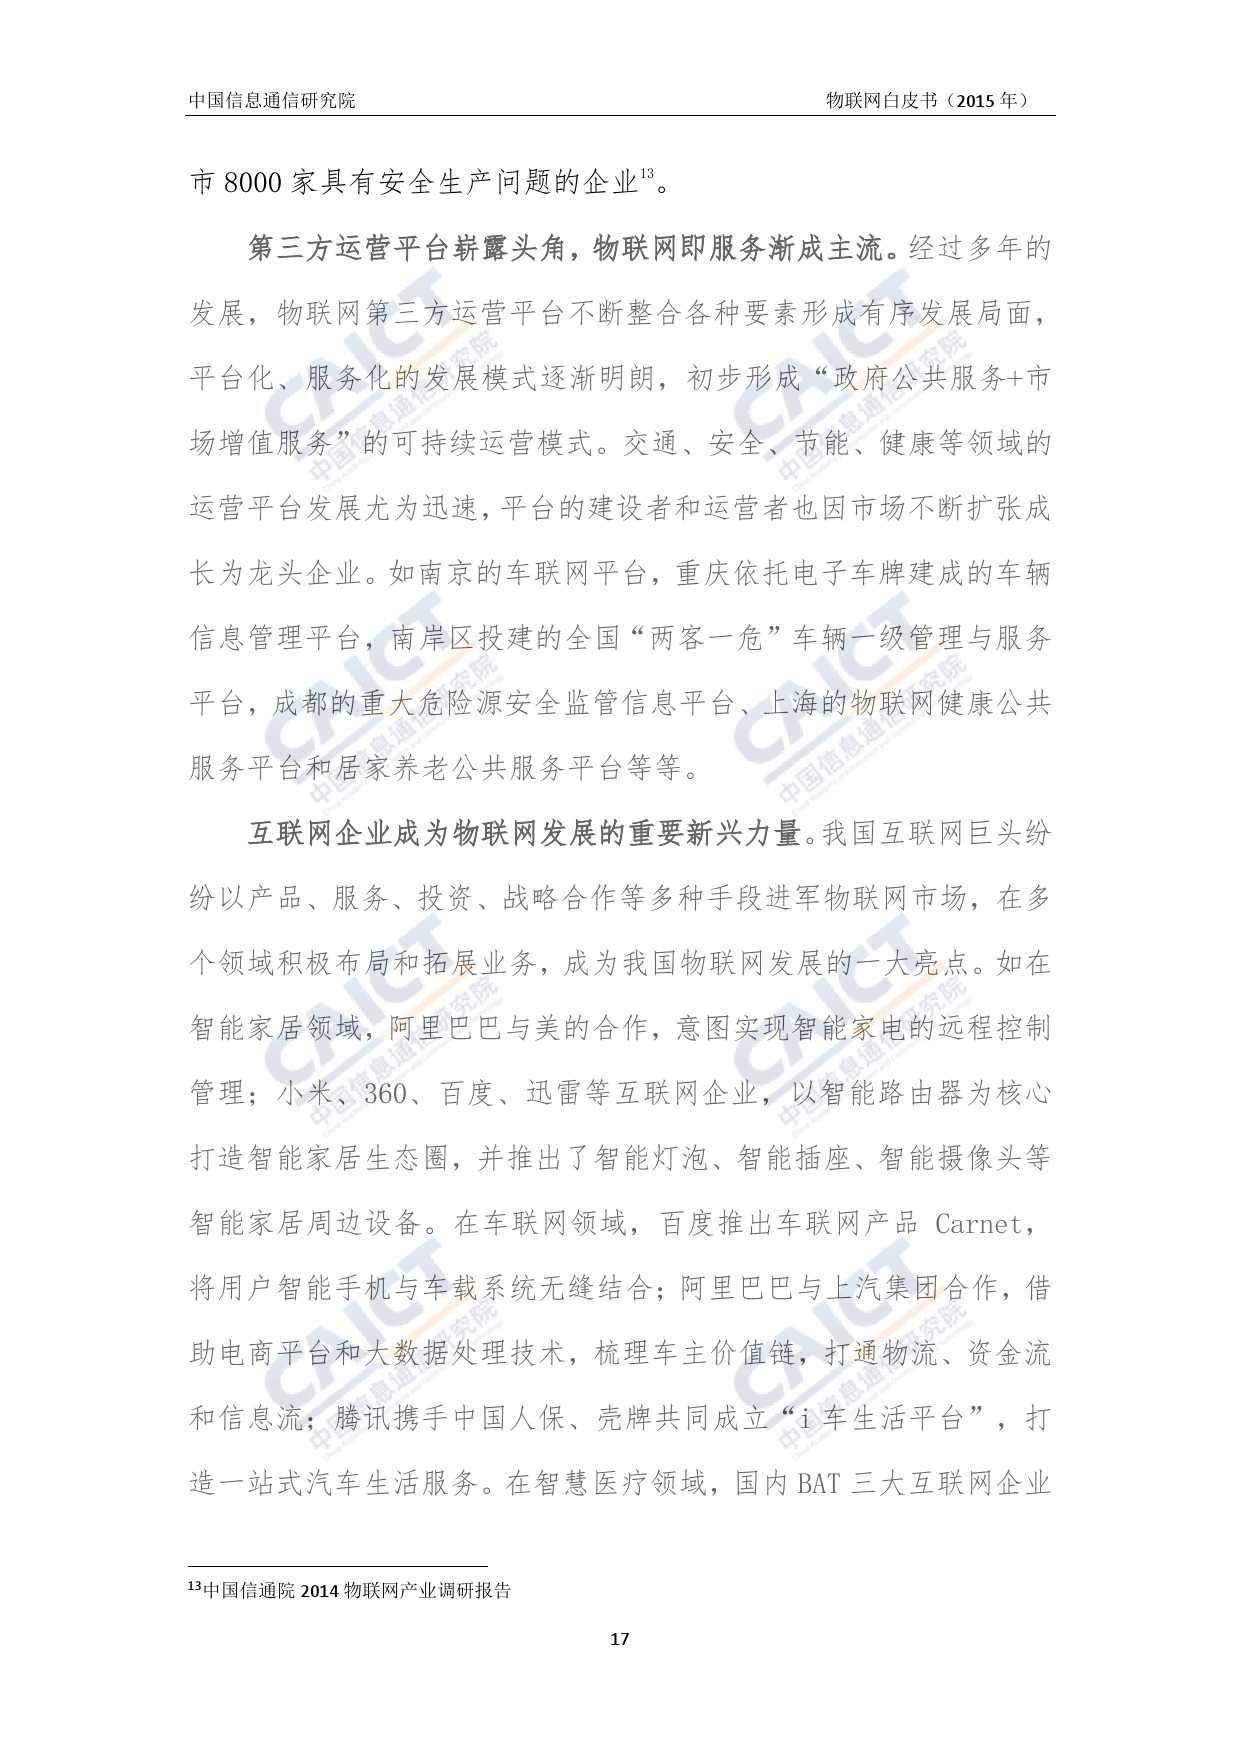 中国信息通信研究院:2015年物联网白皮书_000021